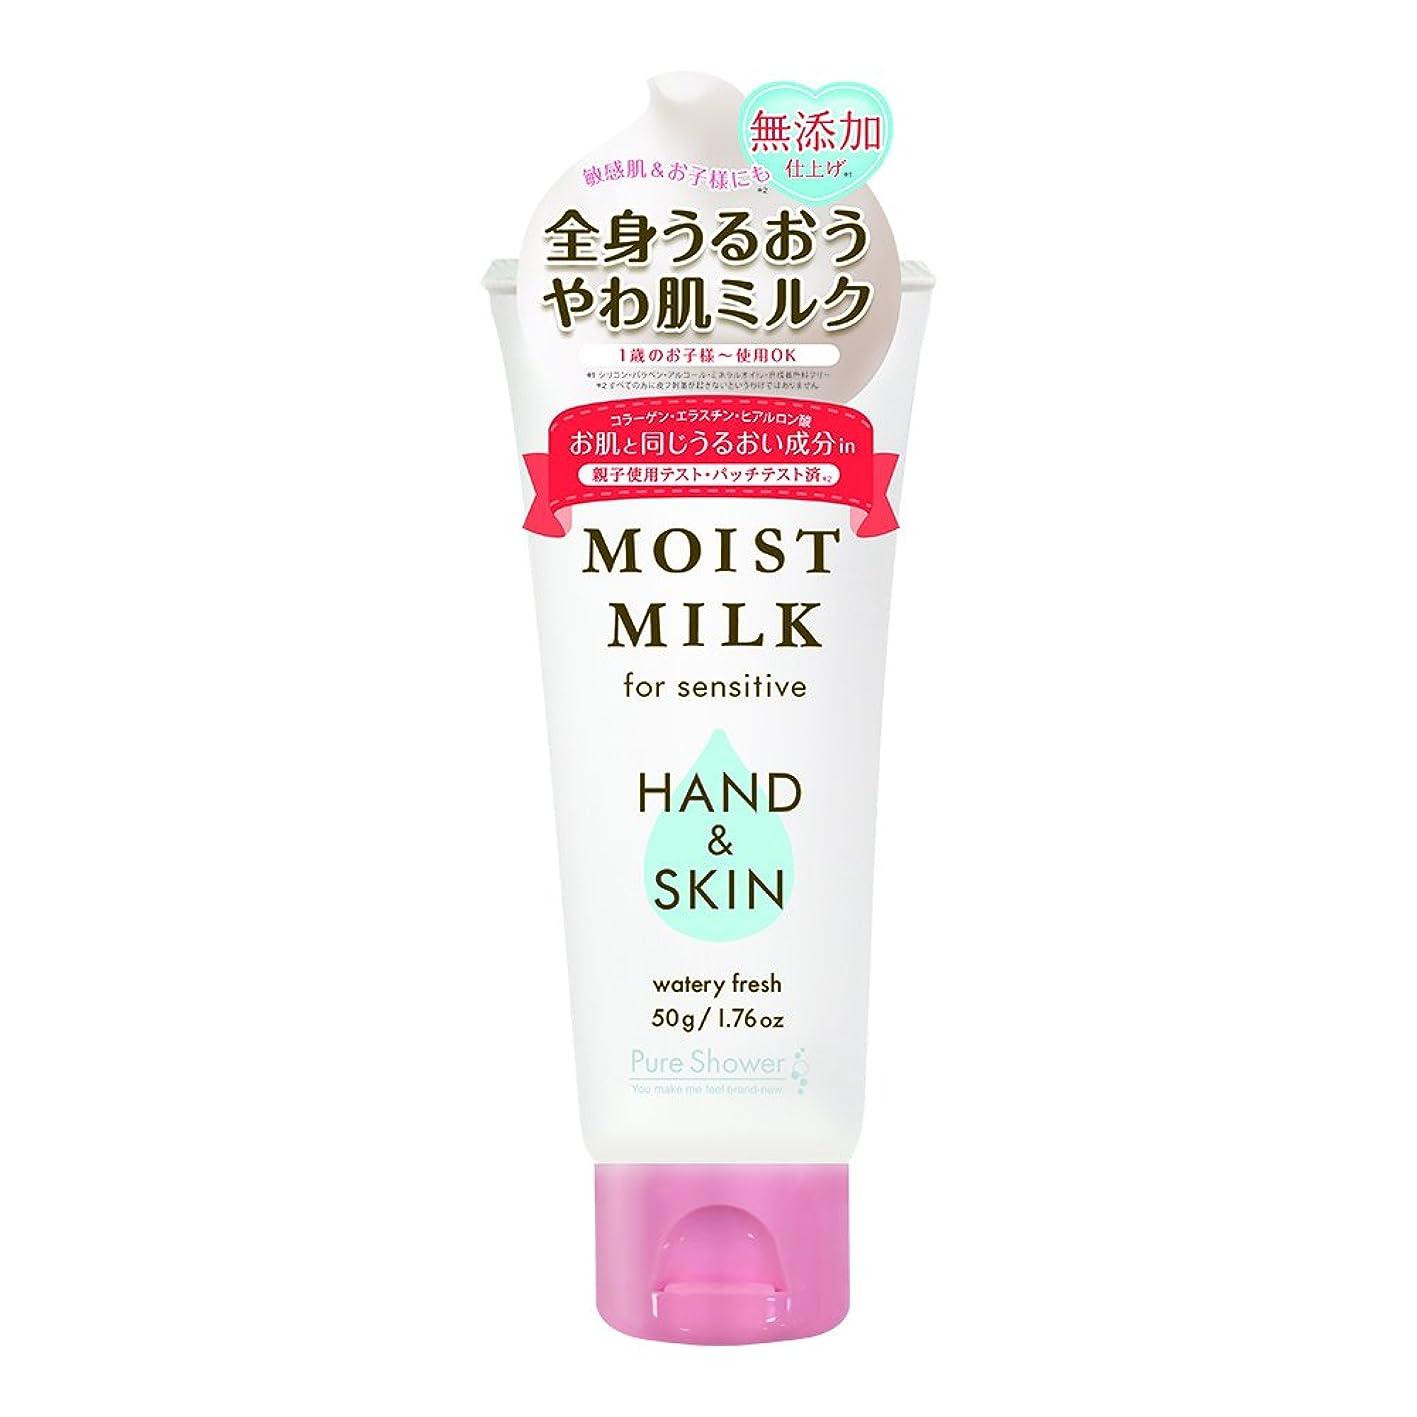 人間戦術終わらせるPure Shower(ピュアシャワー) ハンド&スキンミルク 50g(ミニサイズ)